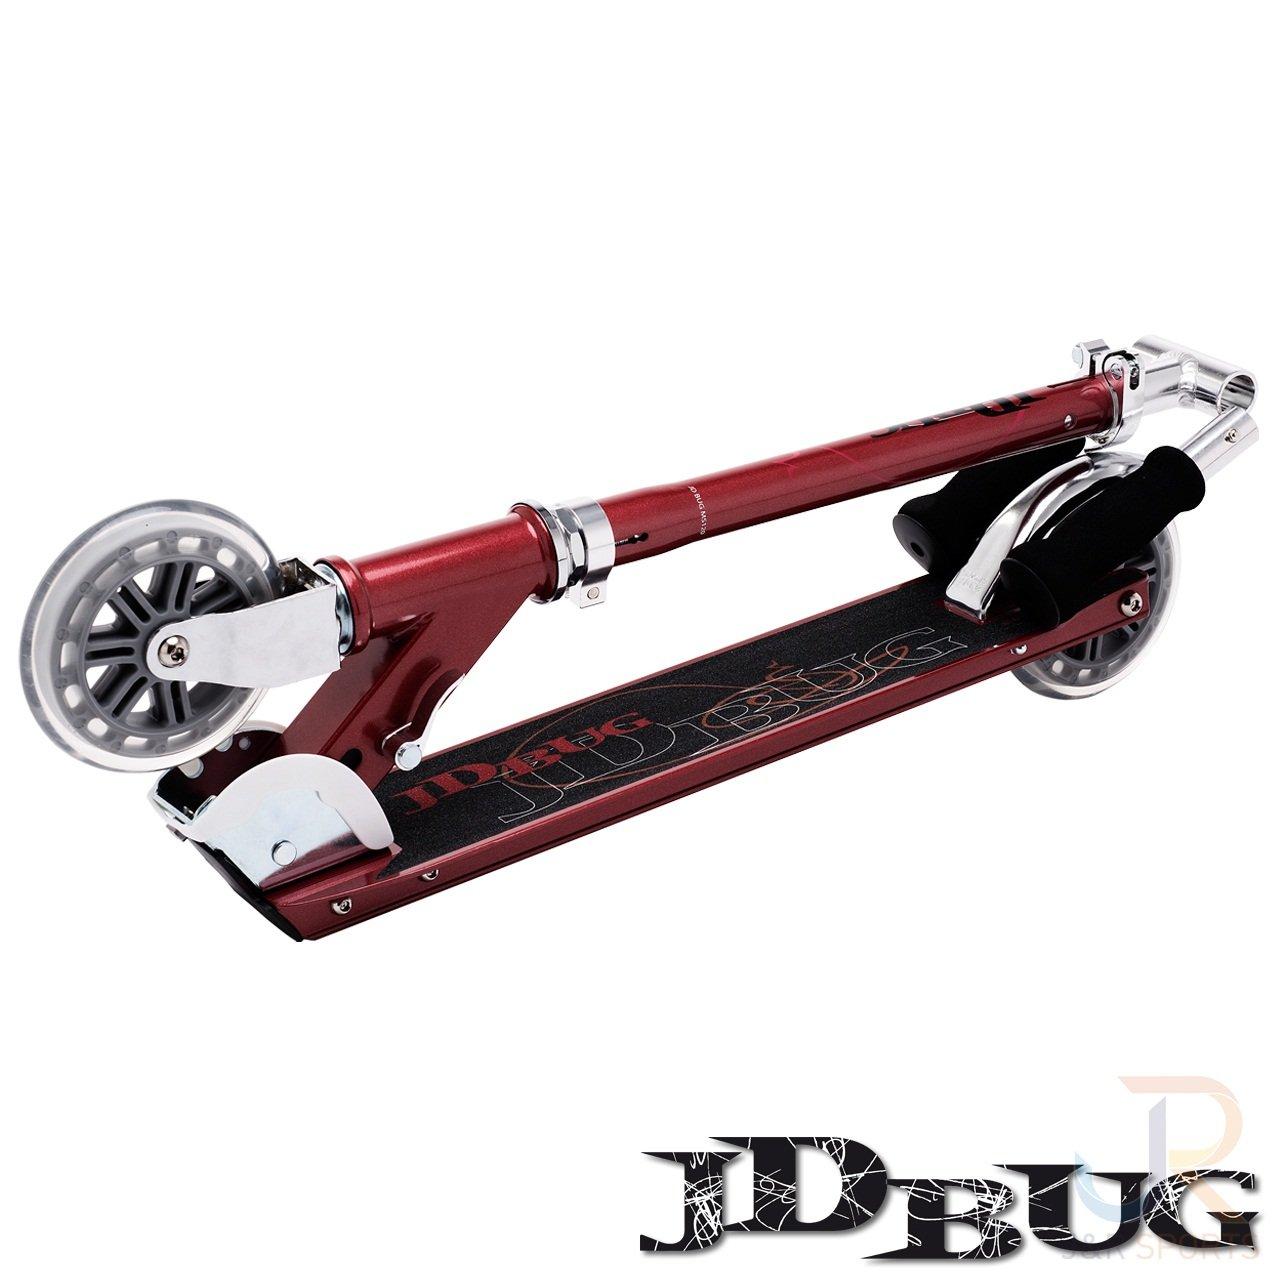 JD Bug MS120 Scooter - Rojo Brillantes Perla: Amazon.es ...